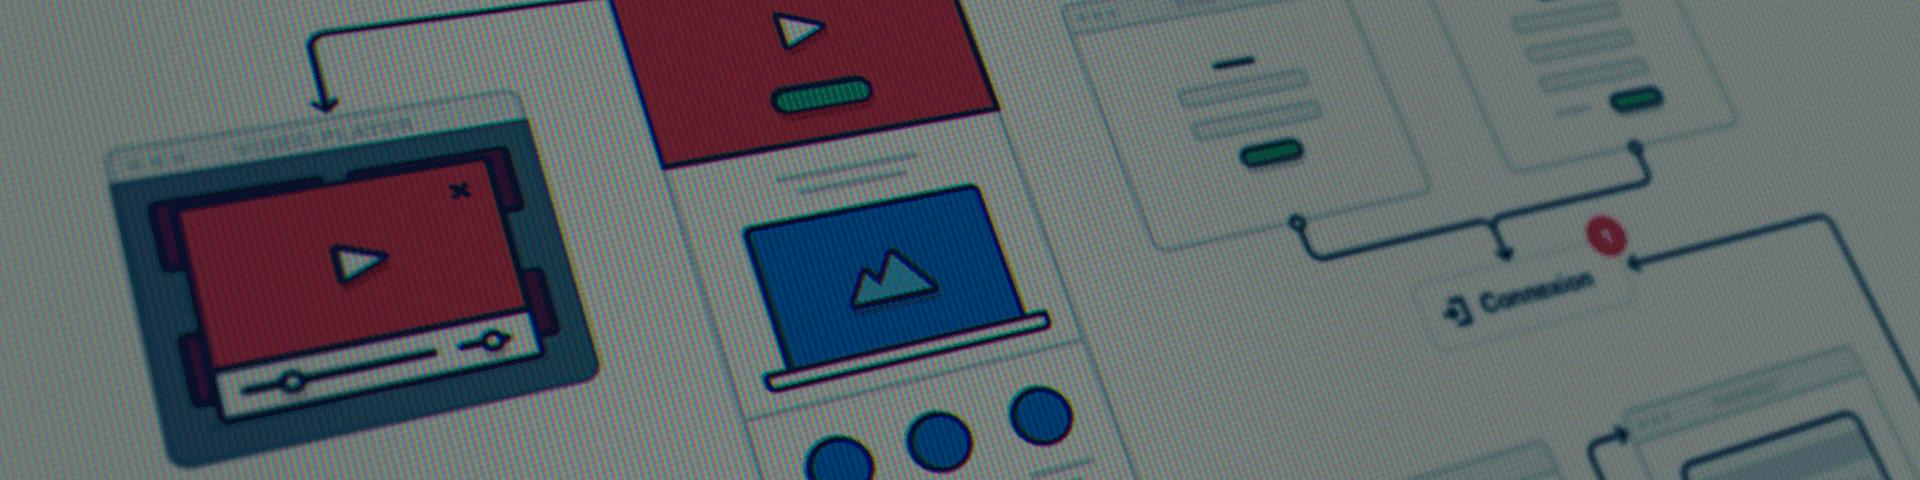 Our UI & UX Design Services